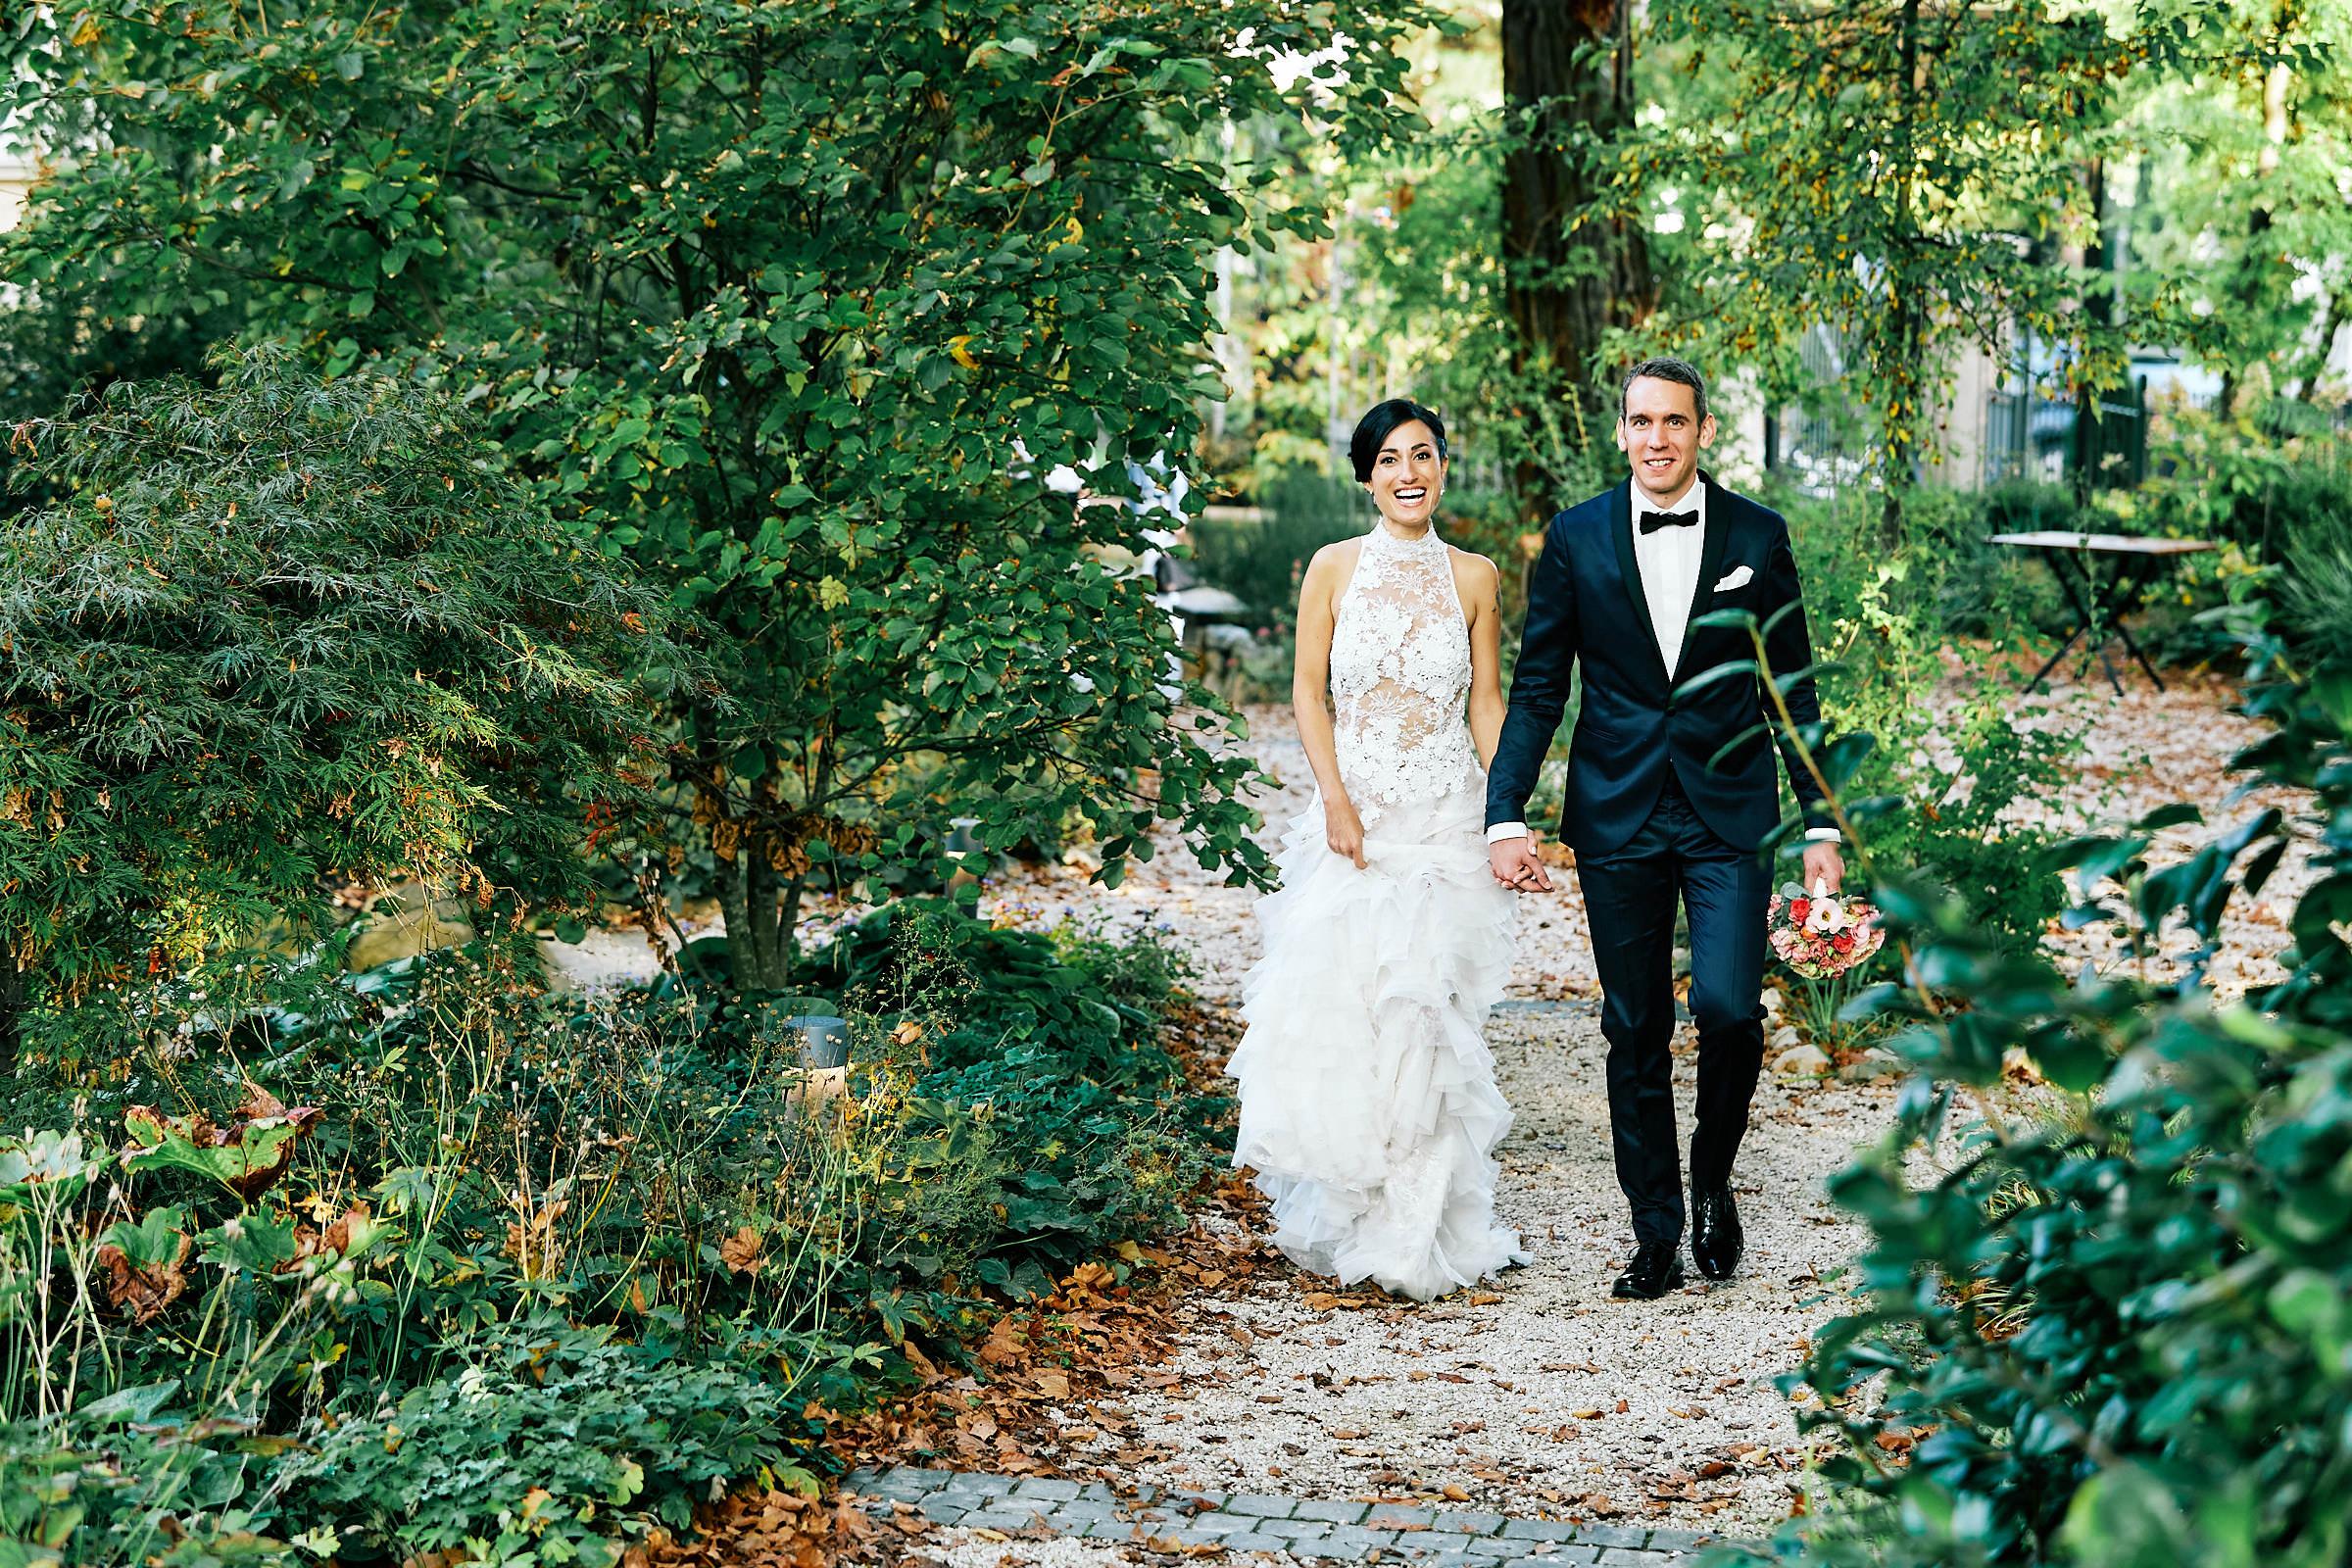 Hochzeit bei Von Winning-Das Hochzeitspaar läuft durch den Garten Hand in Hand - Als Hochzeitsfotograf bei Von Winning in Deidesheim